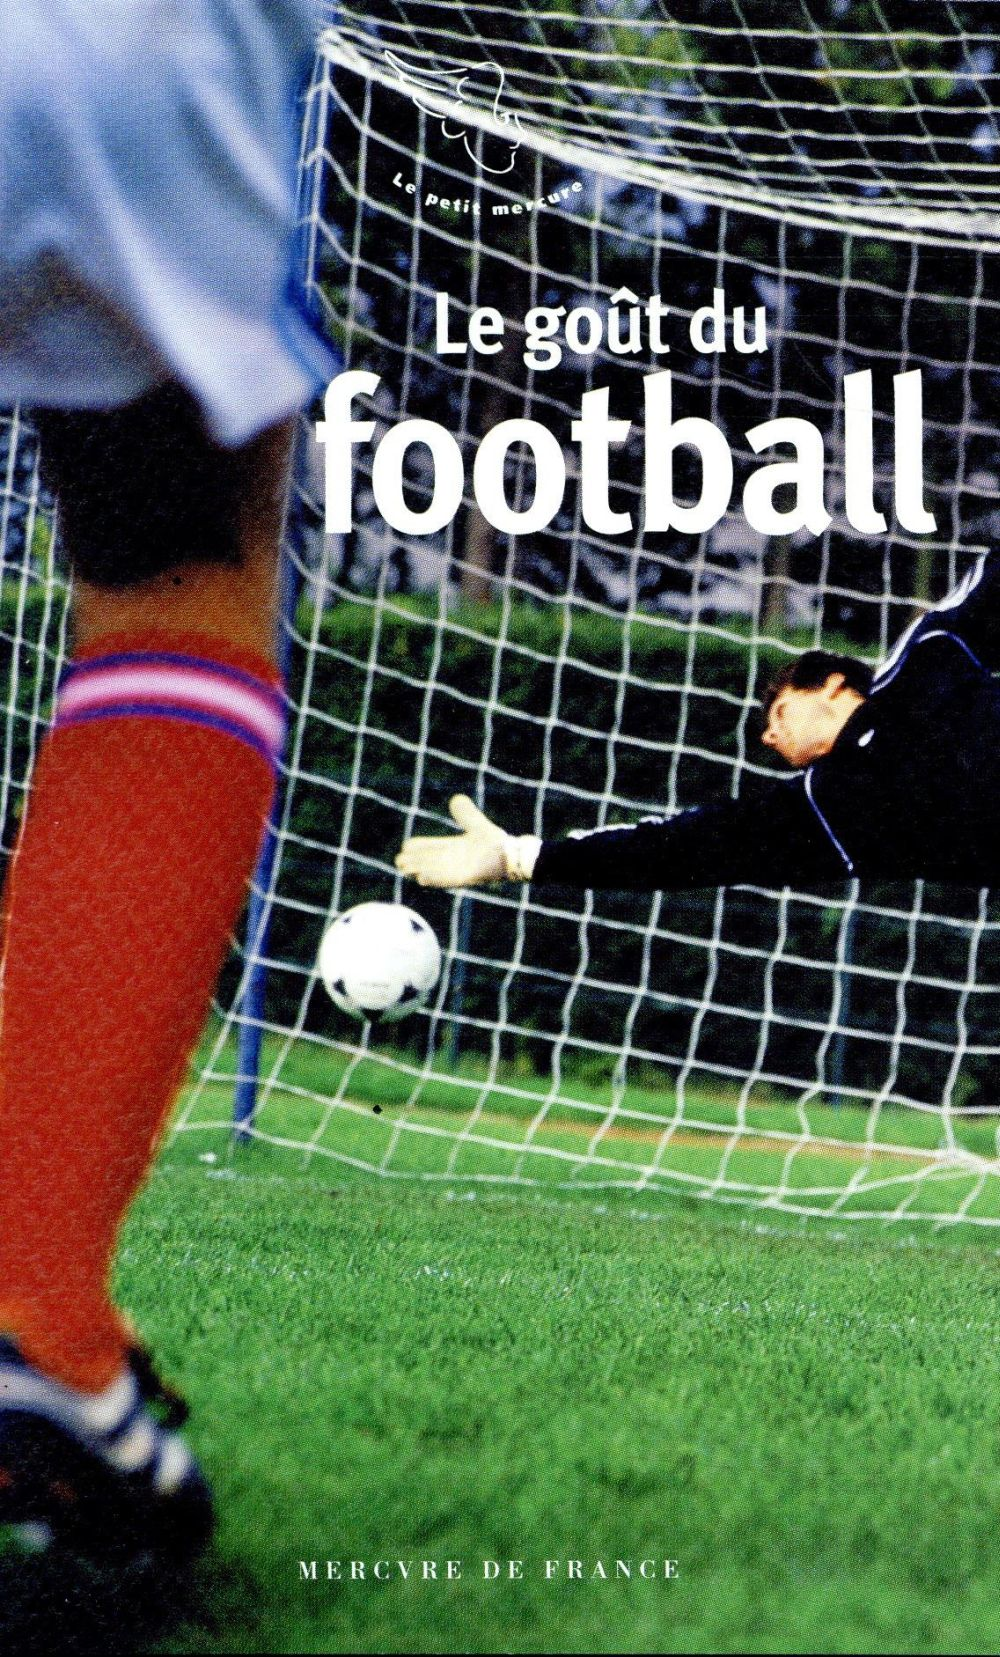 Le goût du football